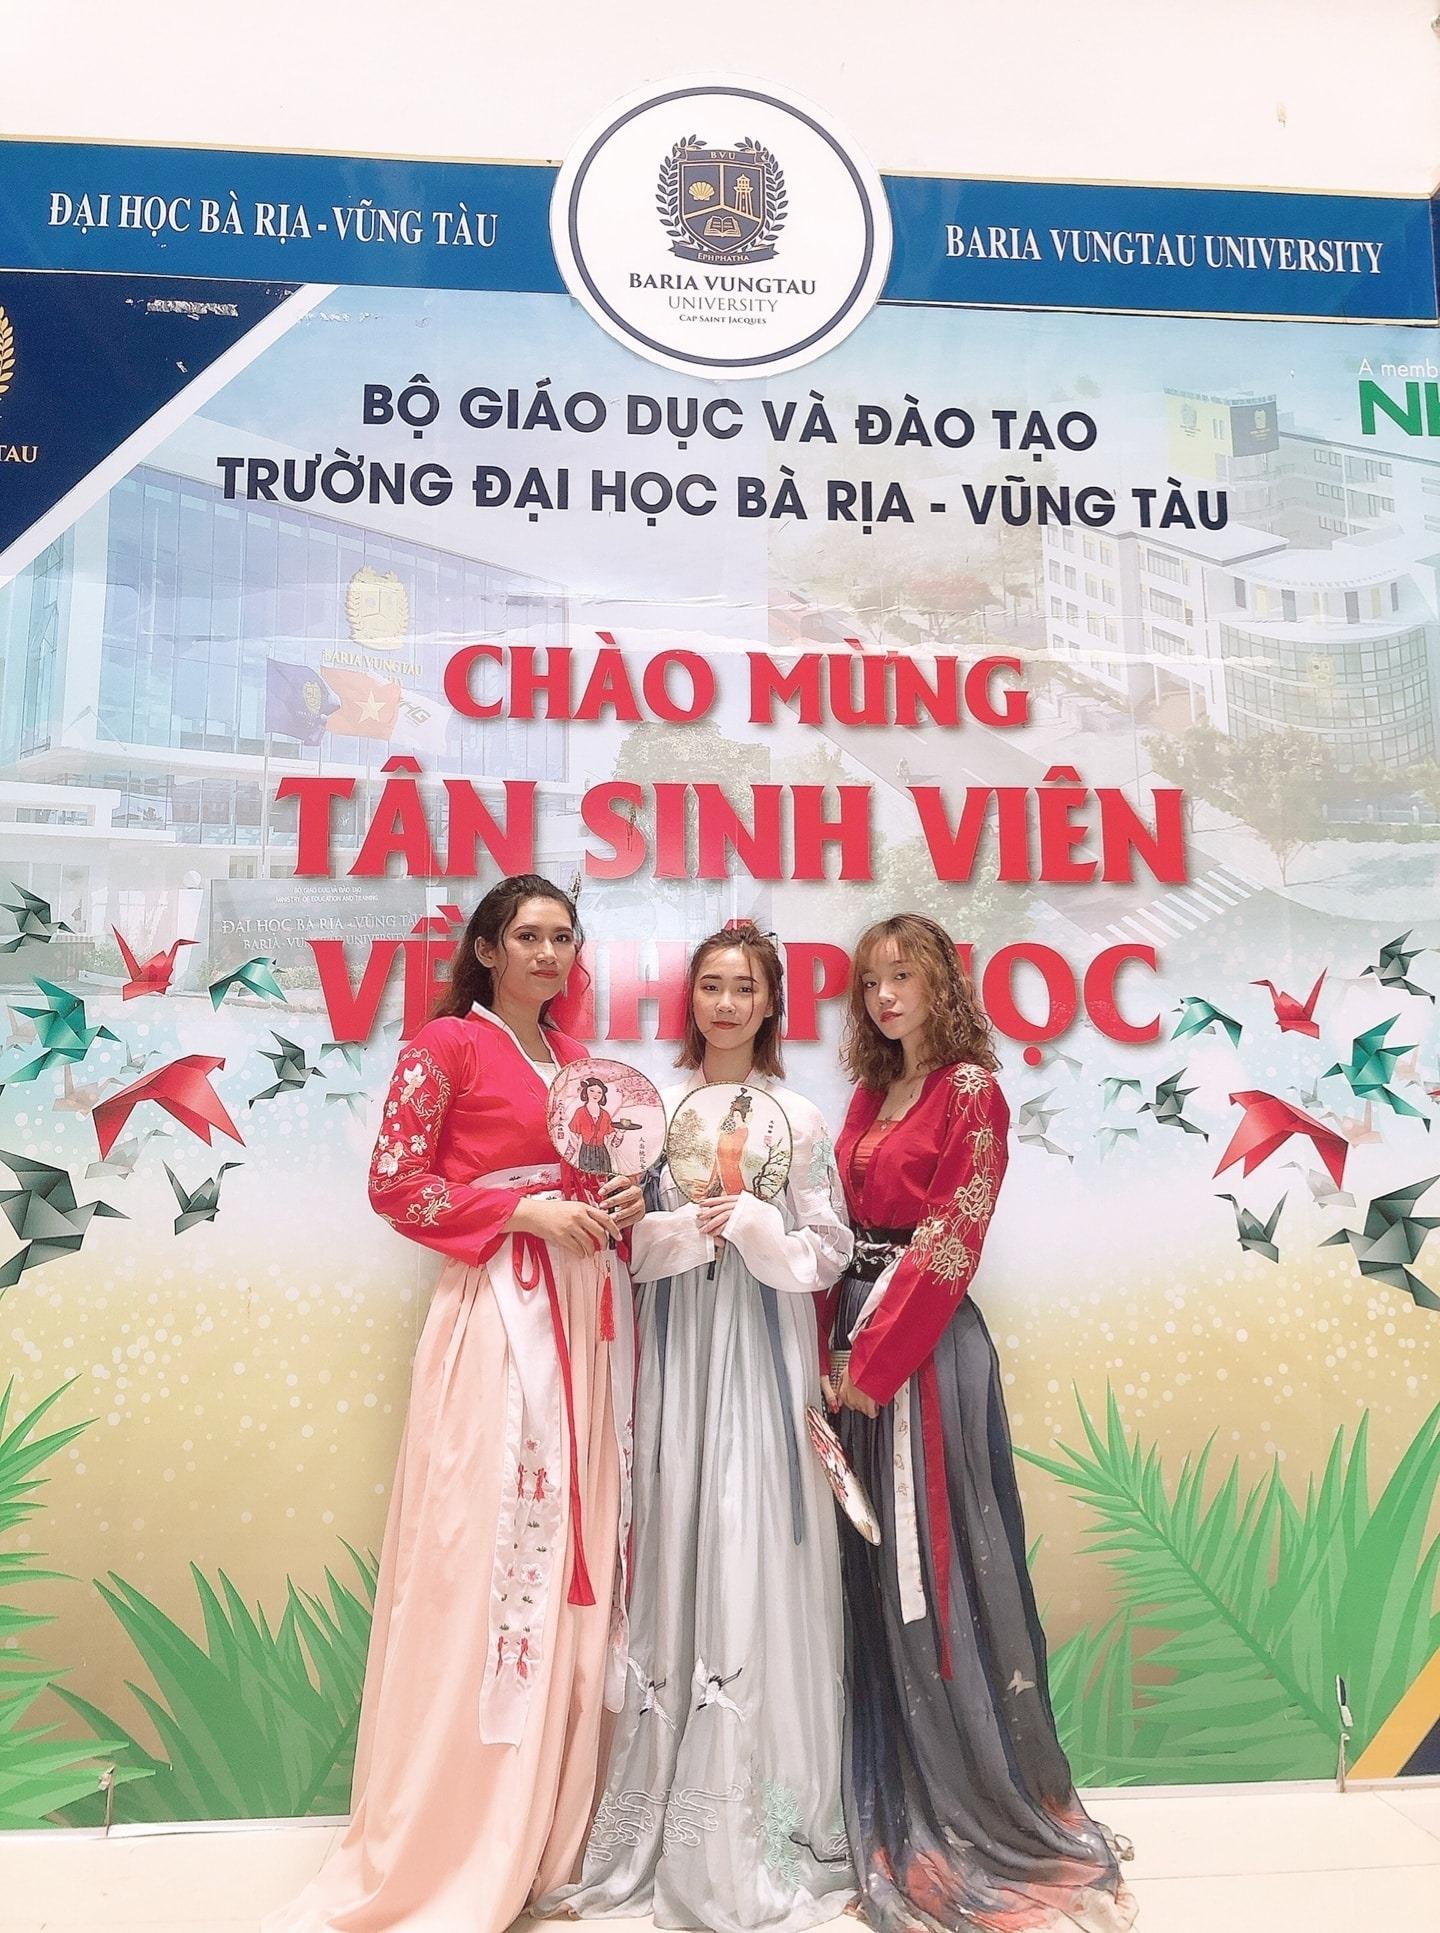 37 25 bvu ngon ngu trung quoc 1 Ngôn ngữ Trung Quốc – Cơ hội việc làm rộng mở